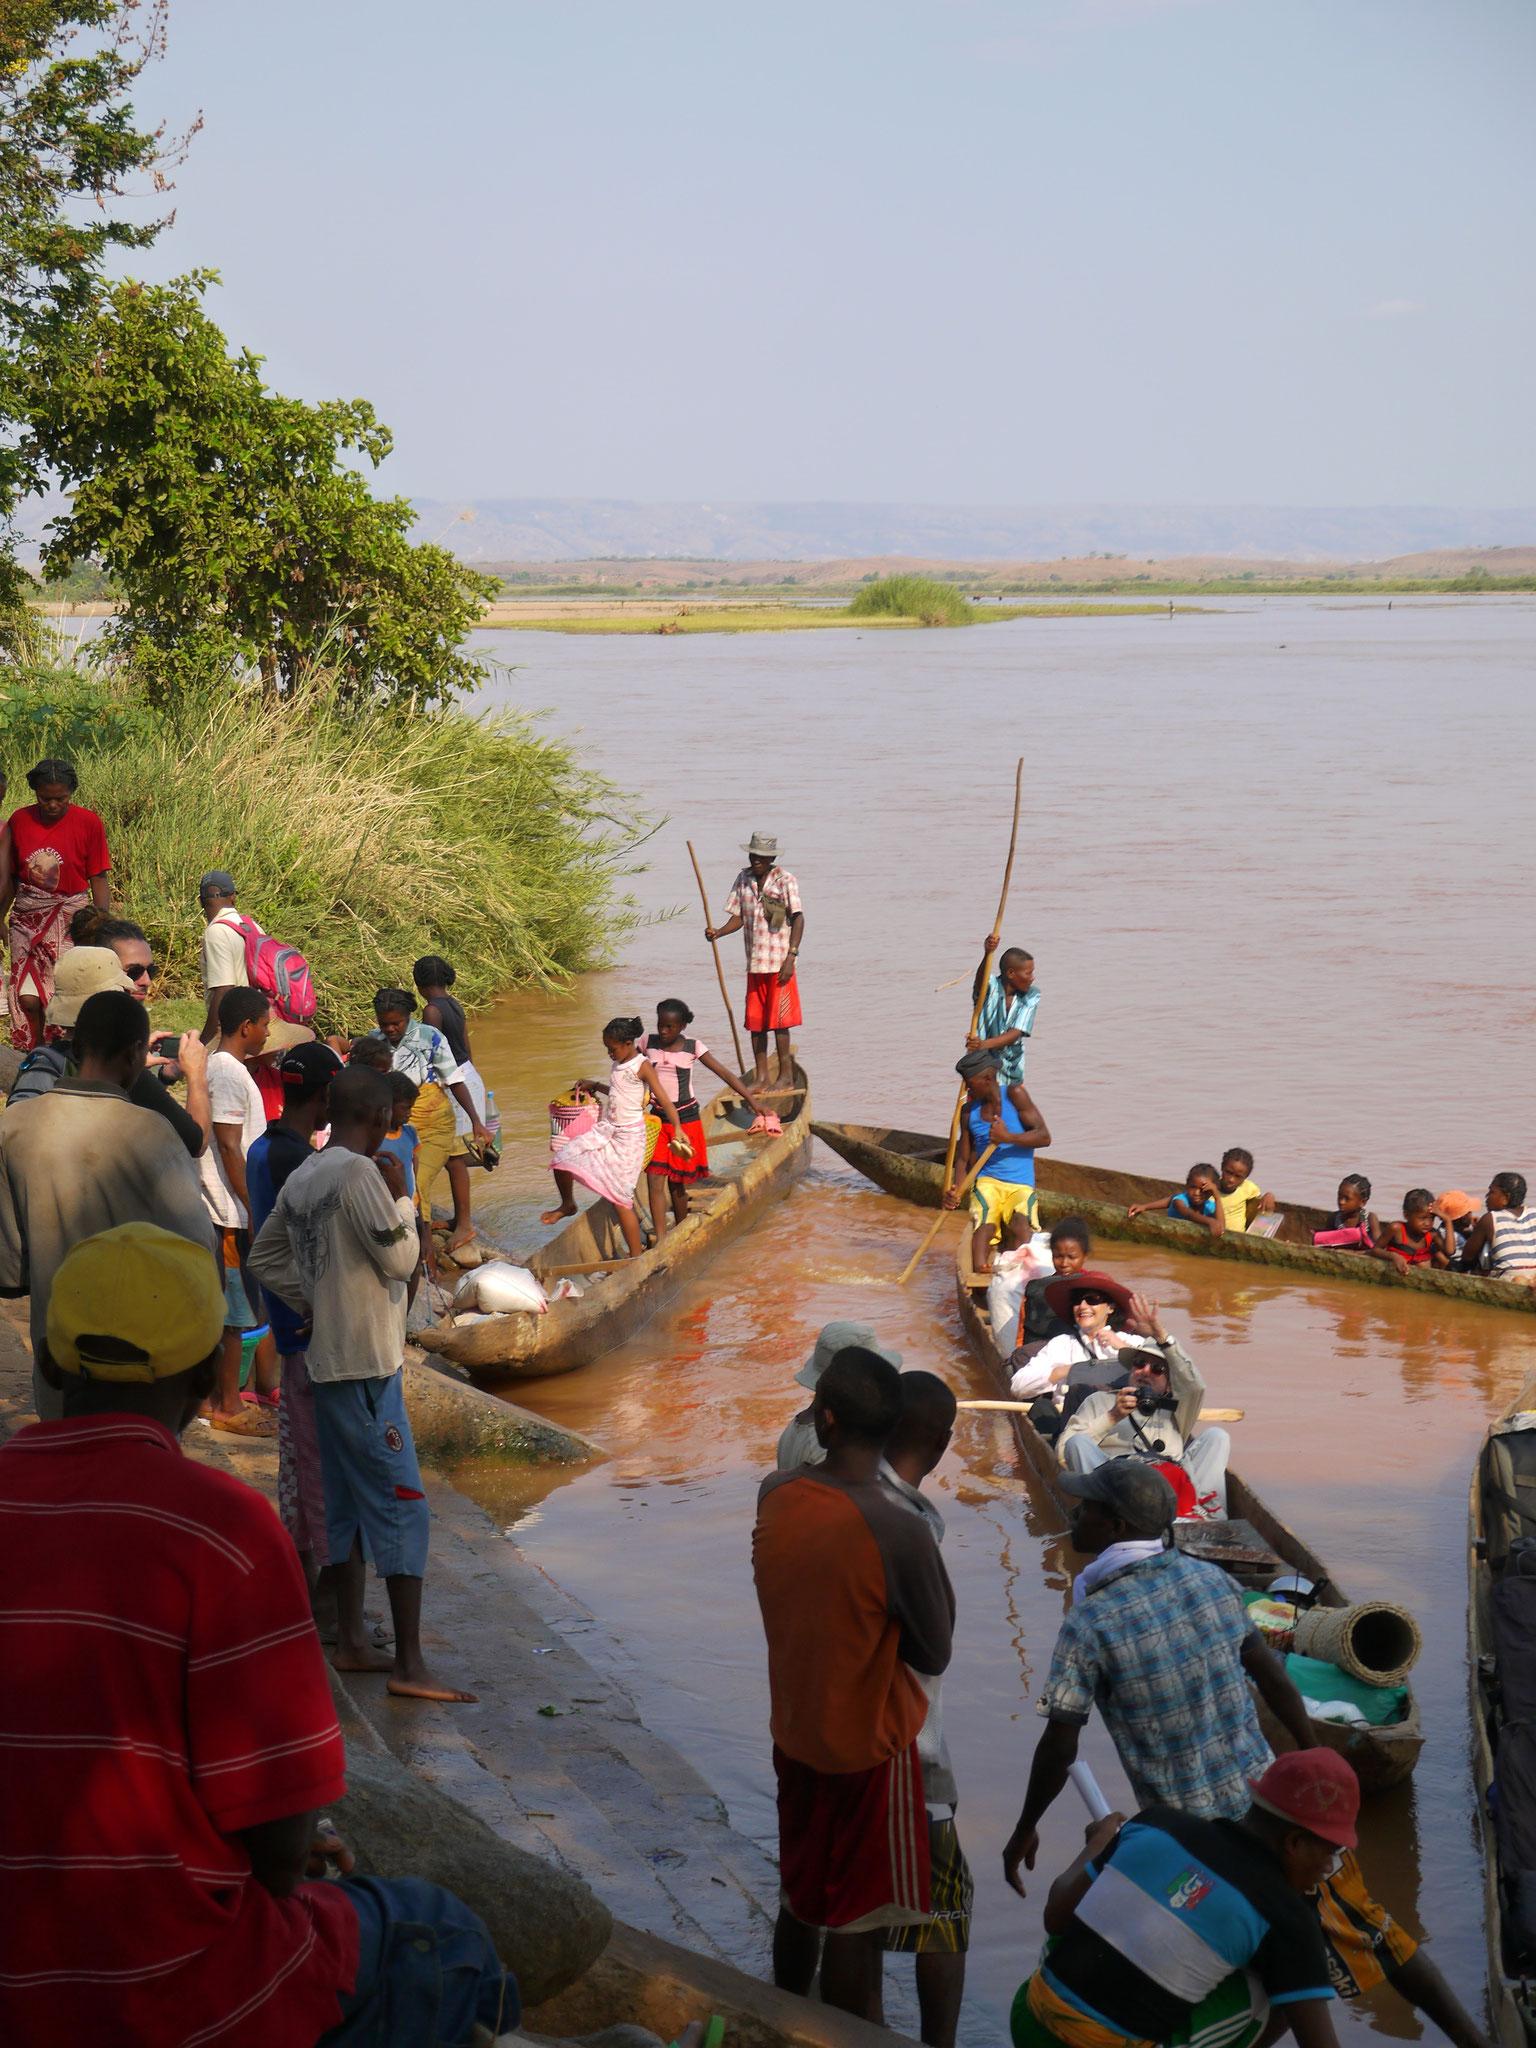 Die Pirogen bilden am Fluss das Hauptverkehrsmittel.